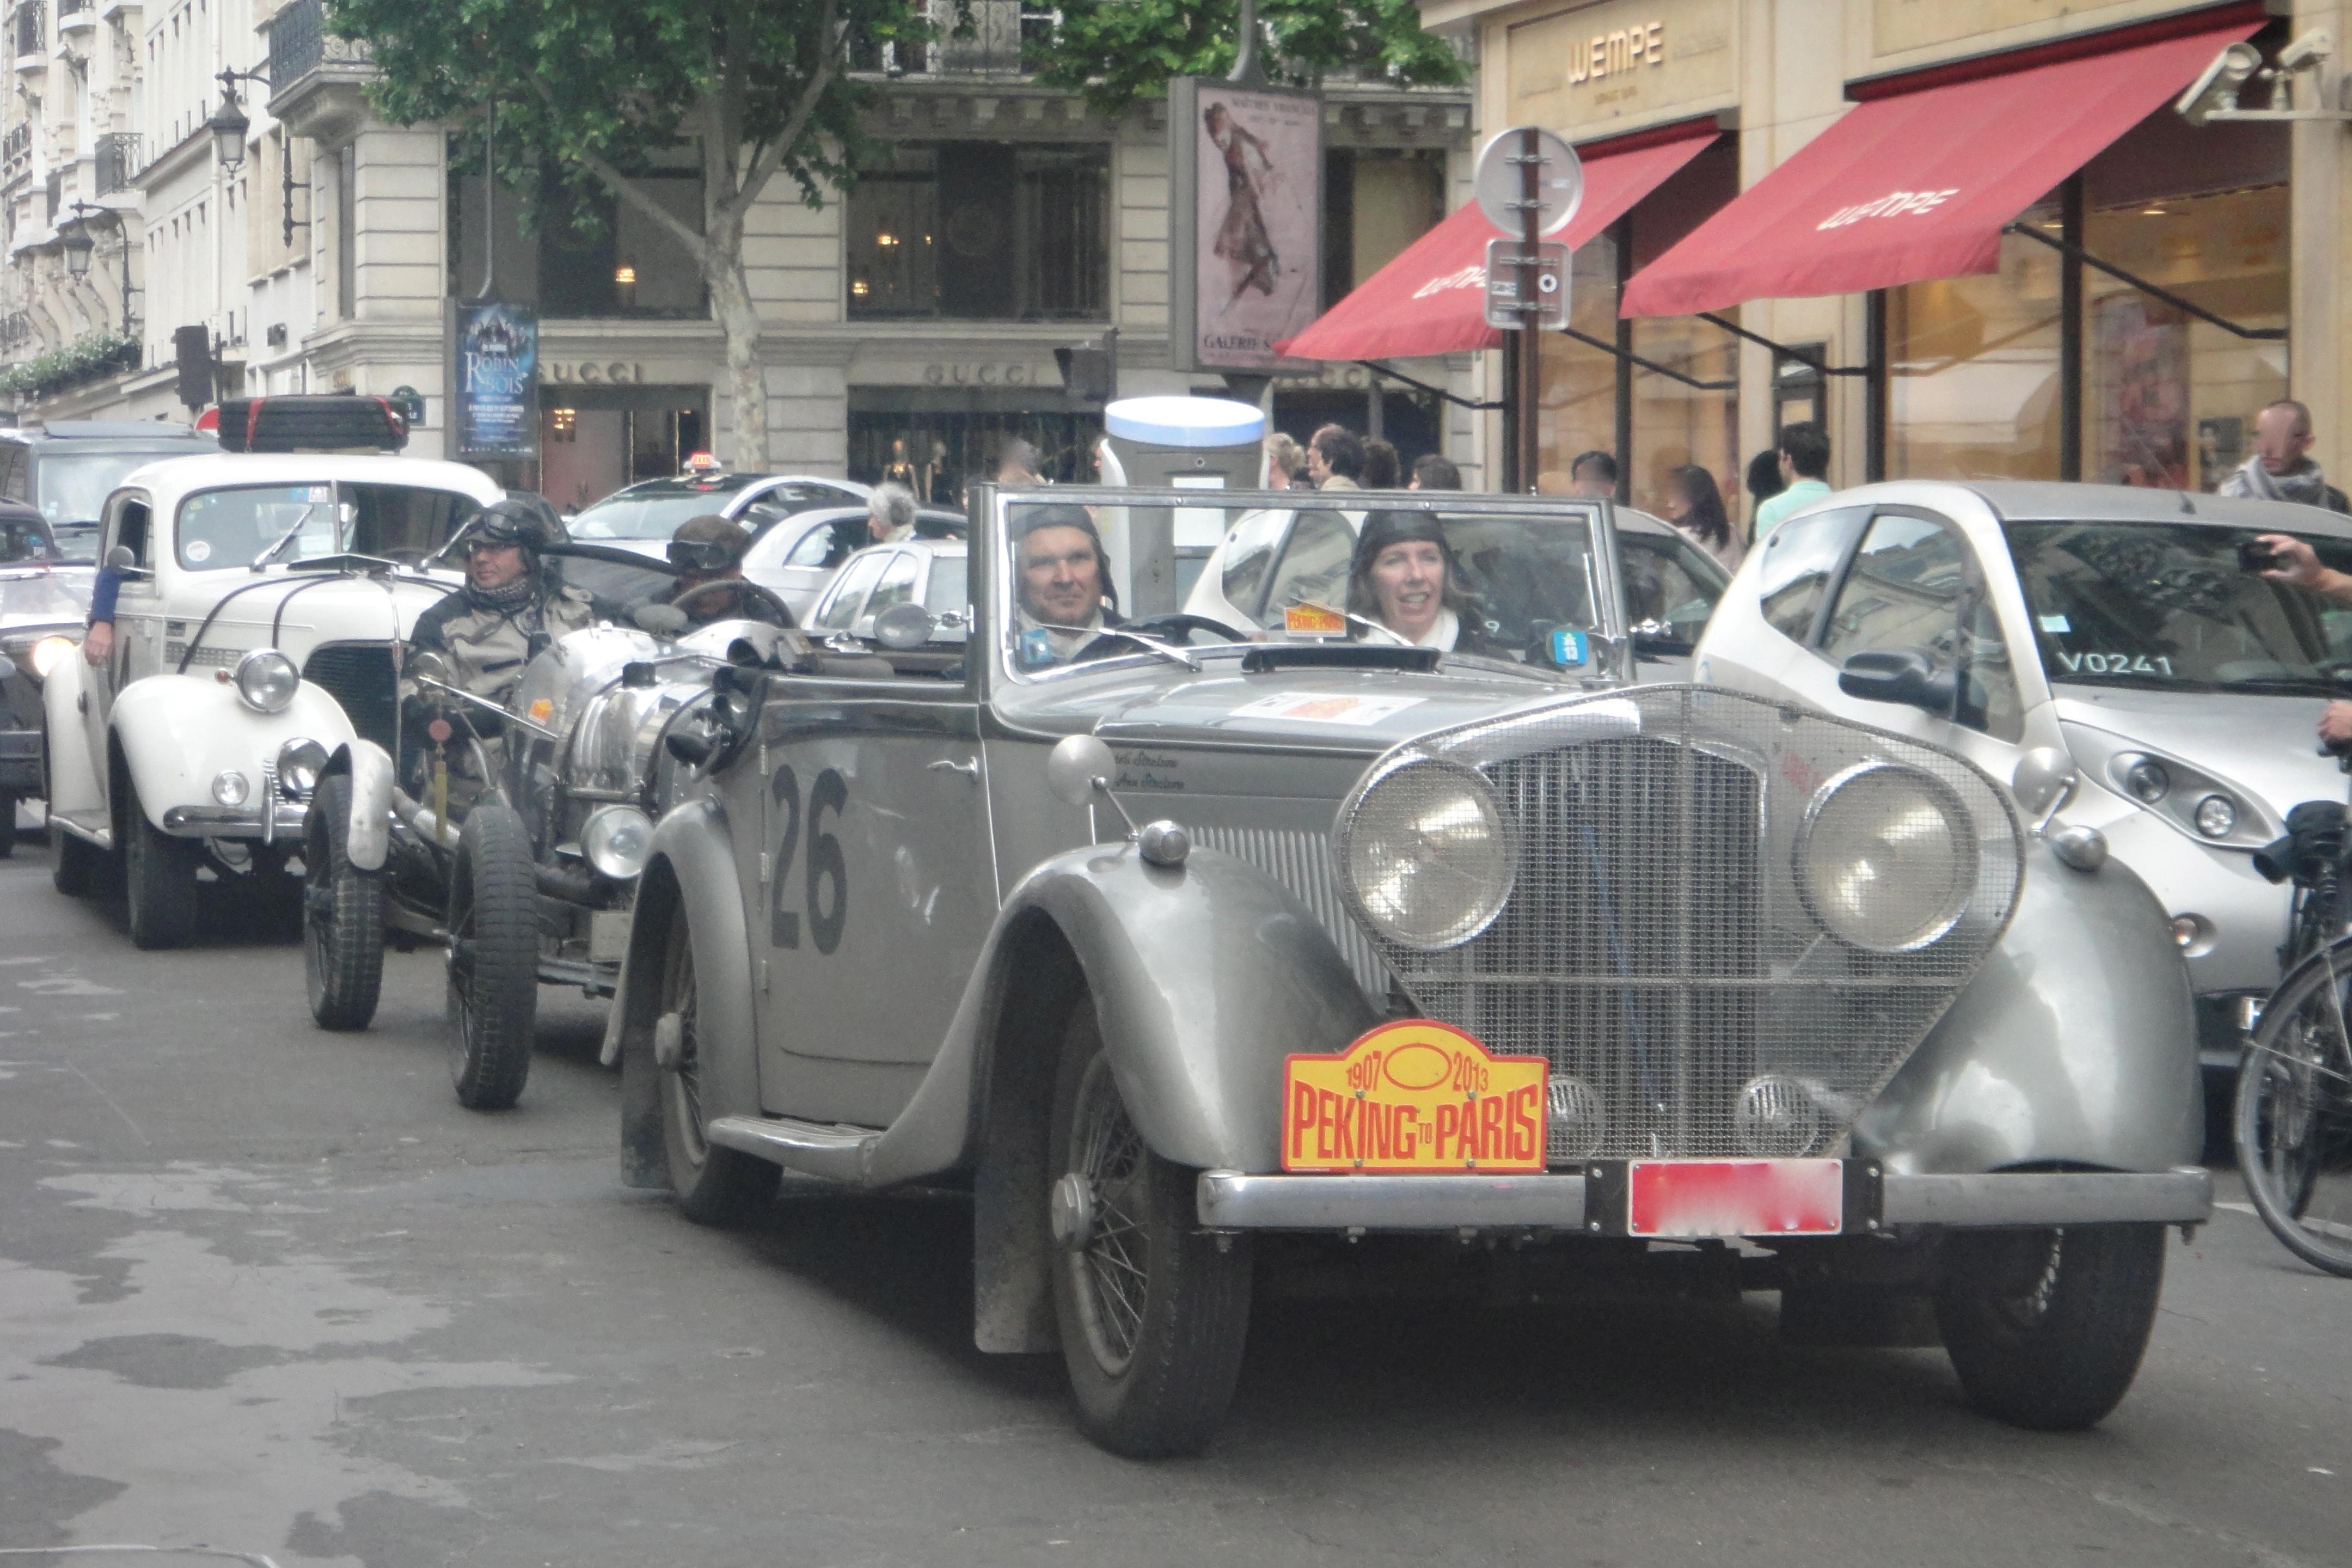 arrival of participants Beijing- Paris, rue du faubourg st. honoré